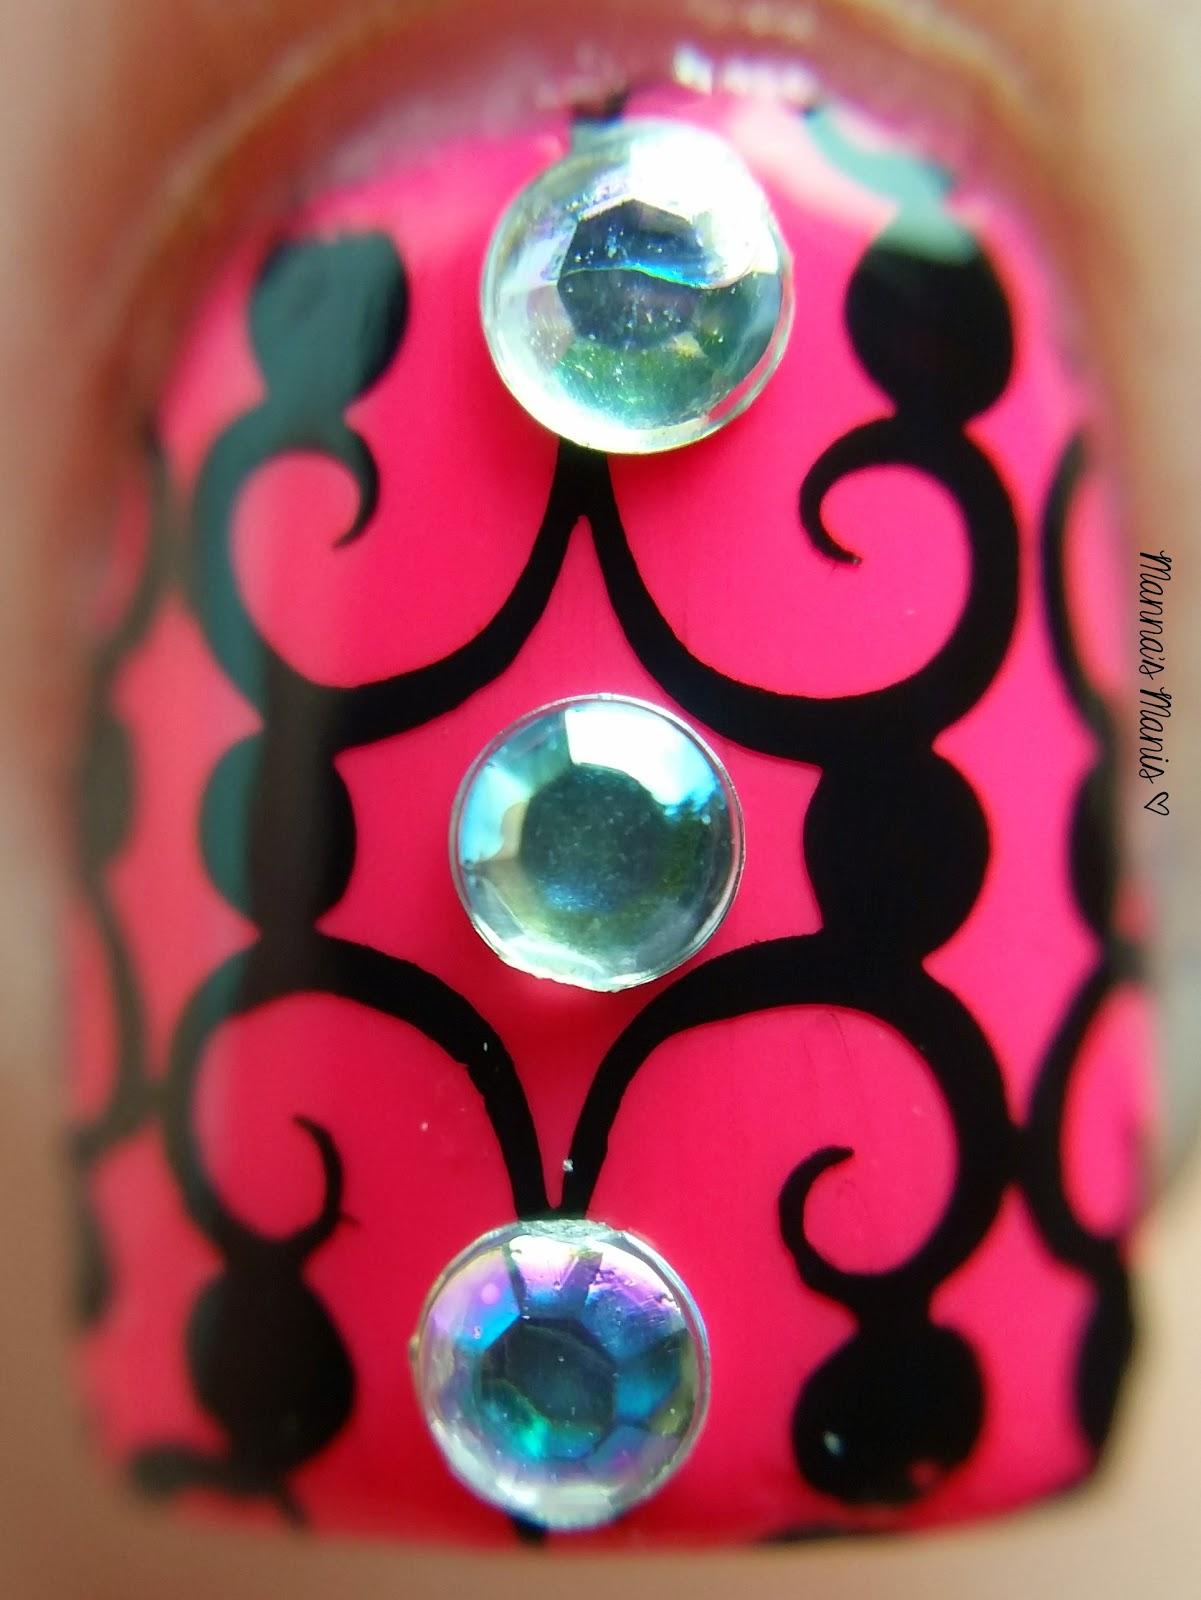 Nail stamping and rhinetones nail art using Zoya Layla and MoYou